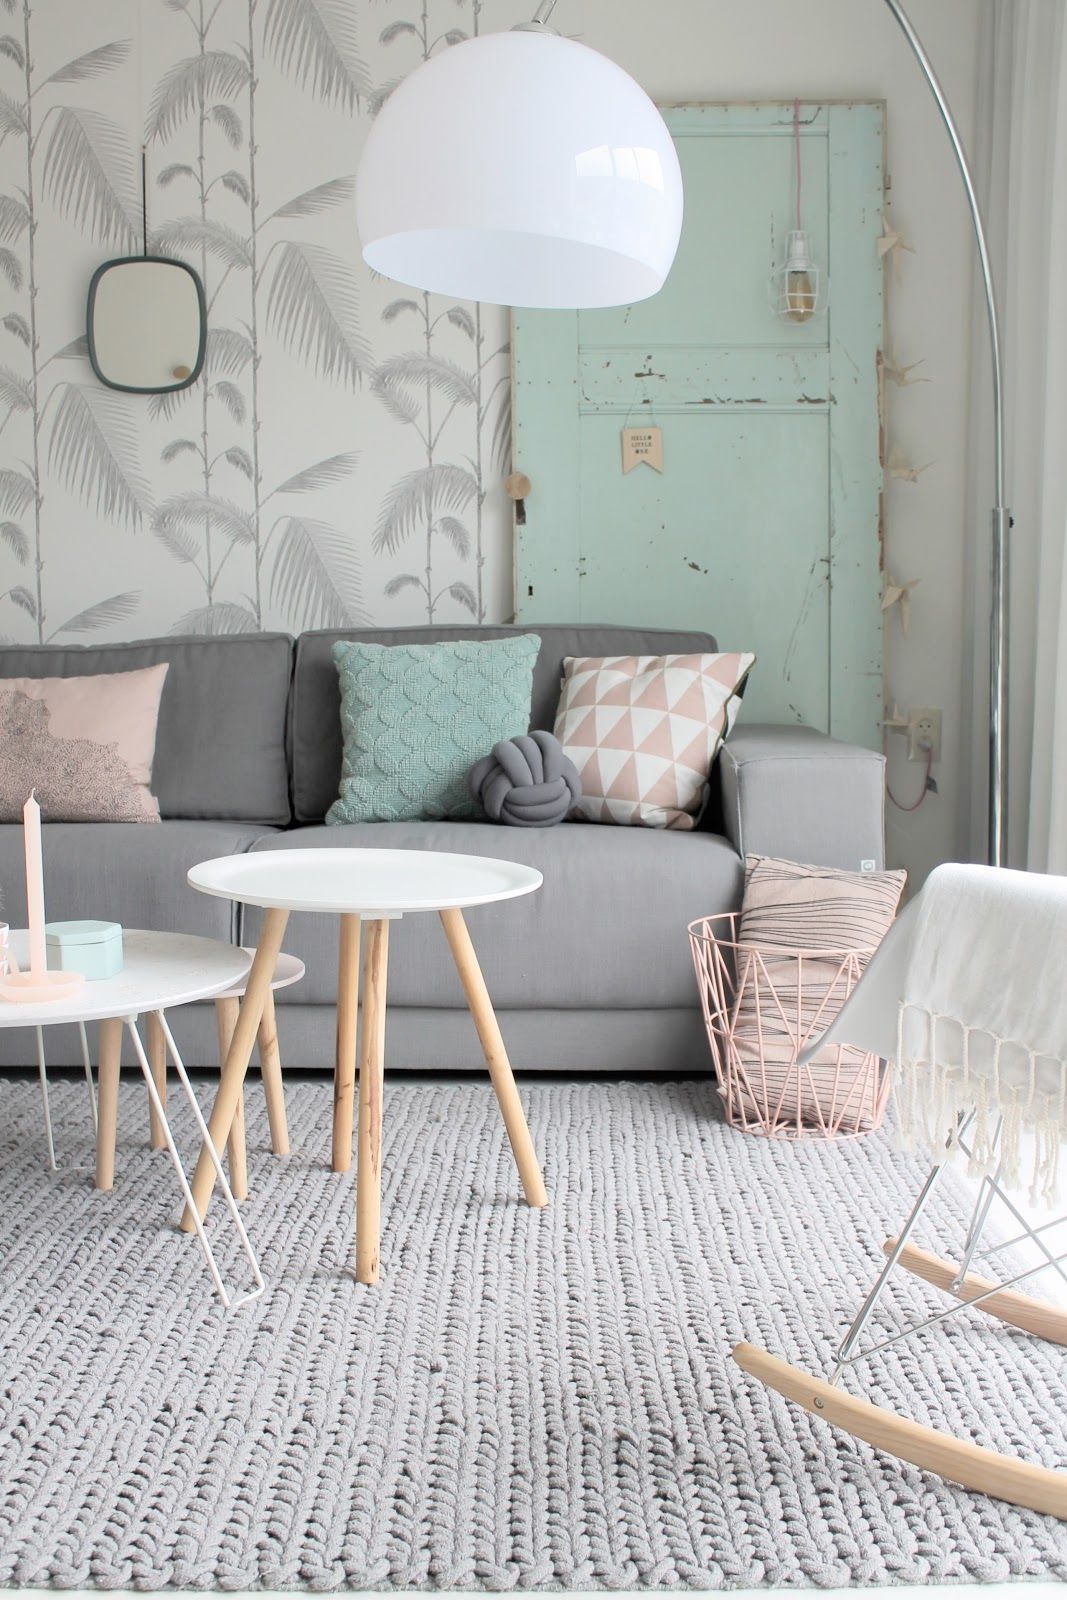 living room pinterest. Black Bedroom Furniture Sets. Home Design Ideas